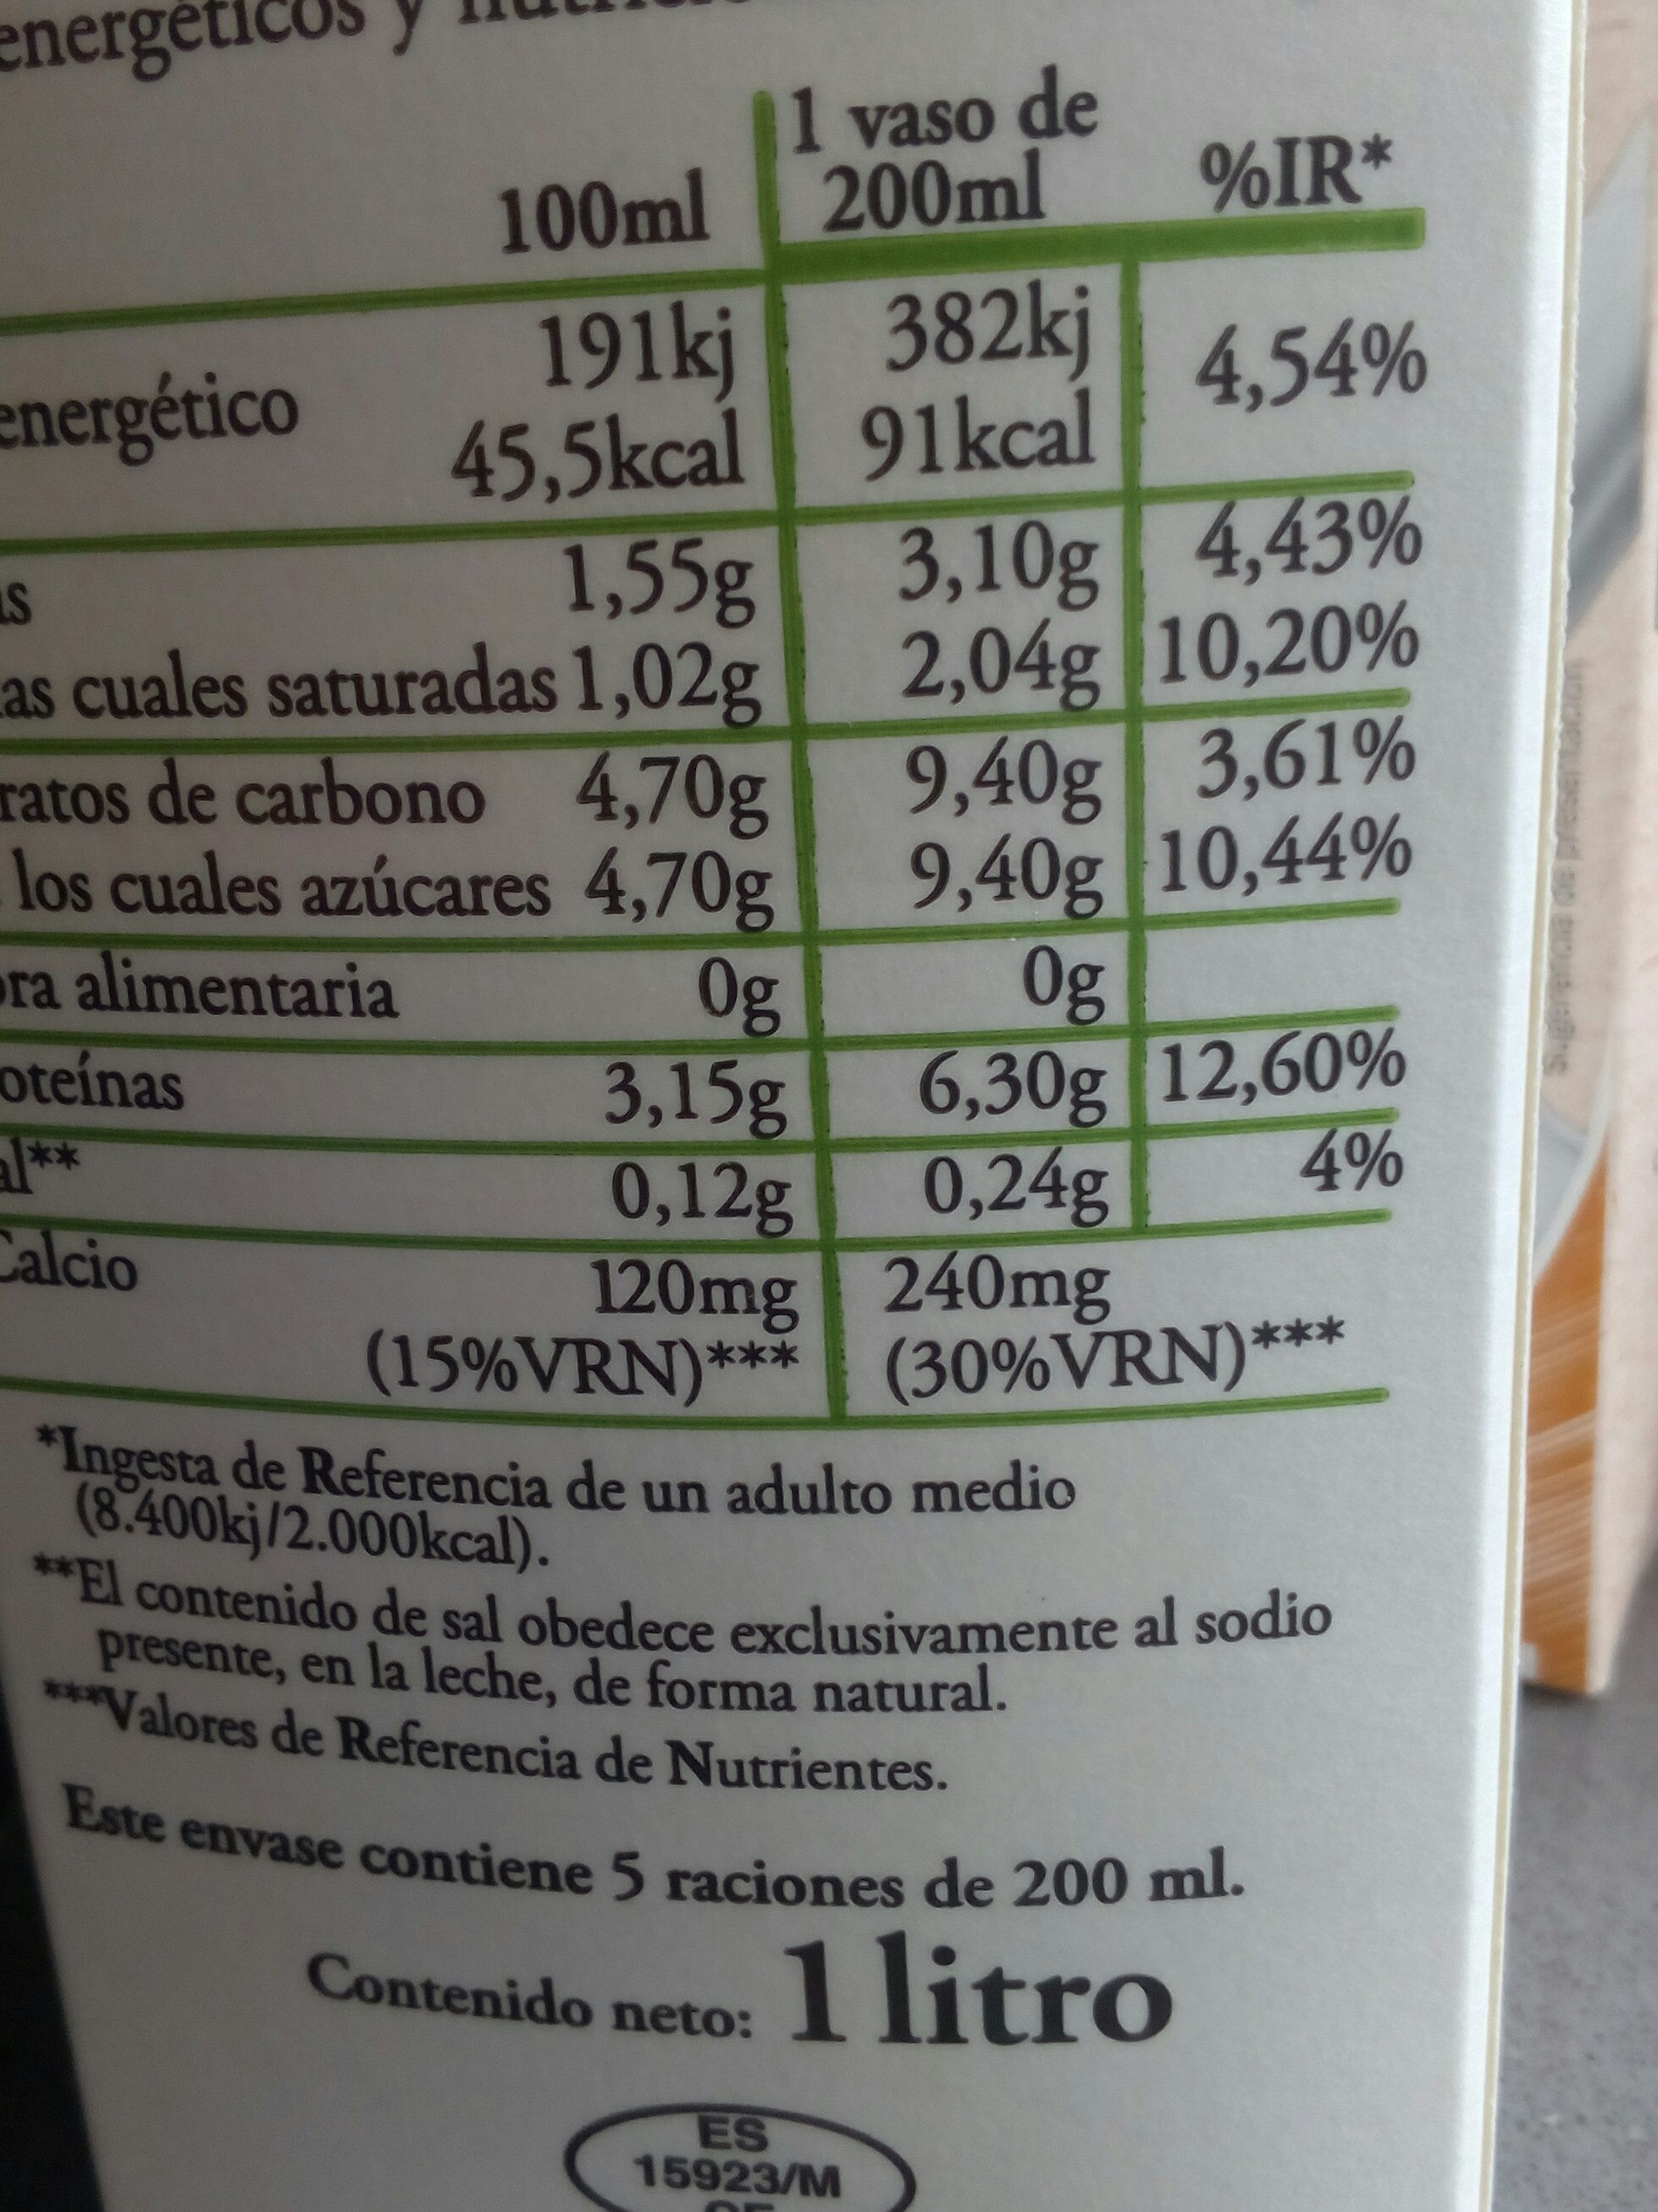 Leche fresca semidesnatada pasteurizada - Ingredientes